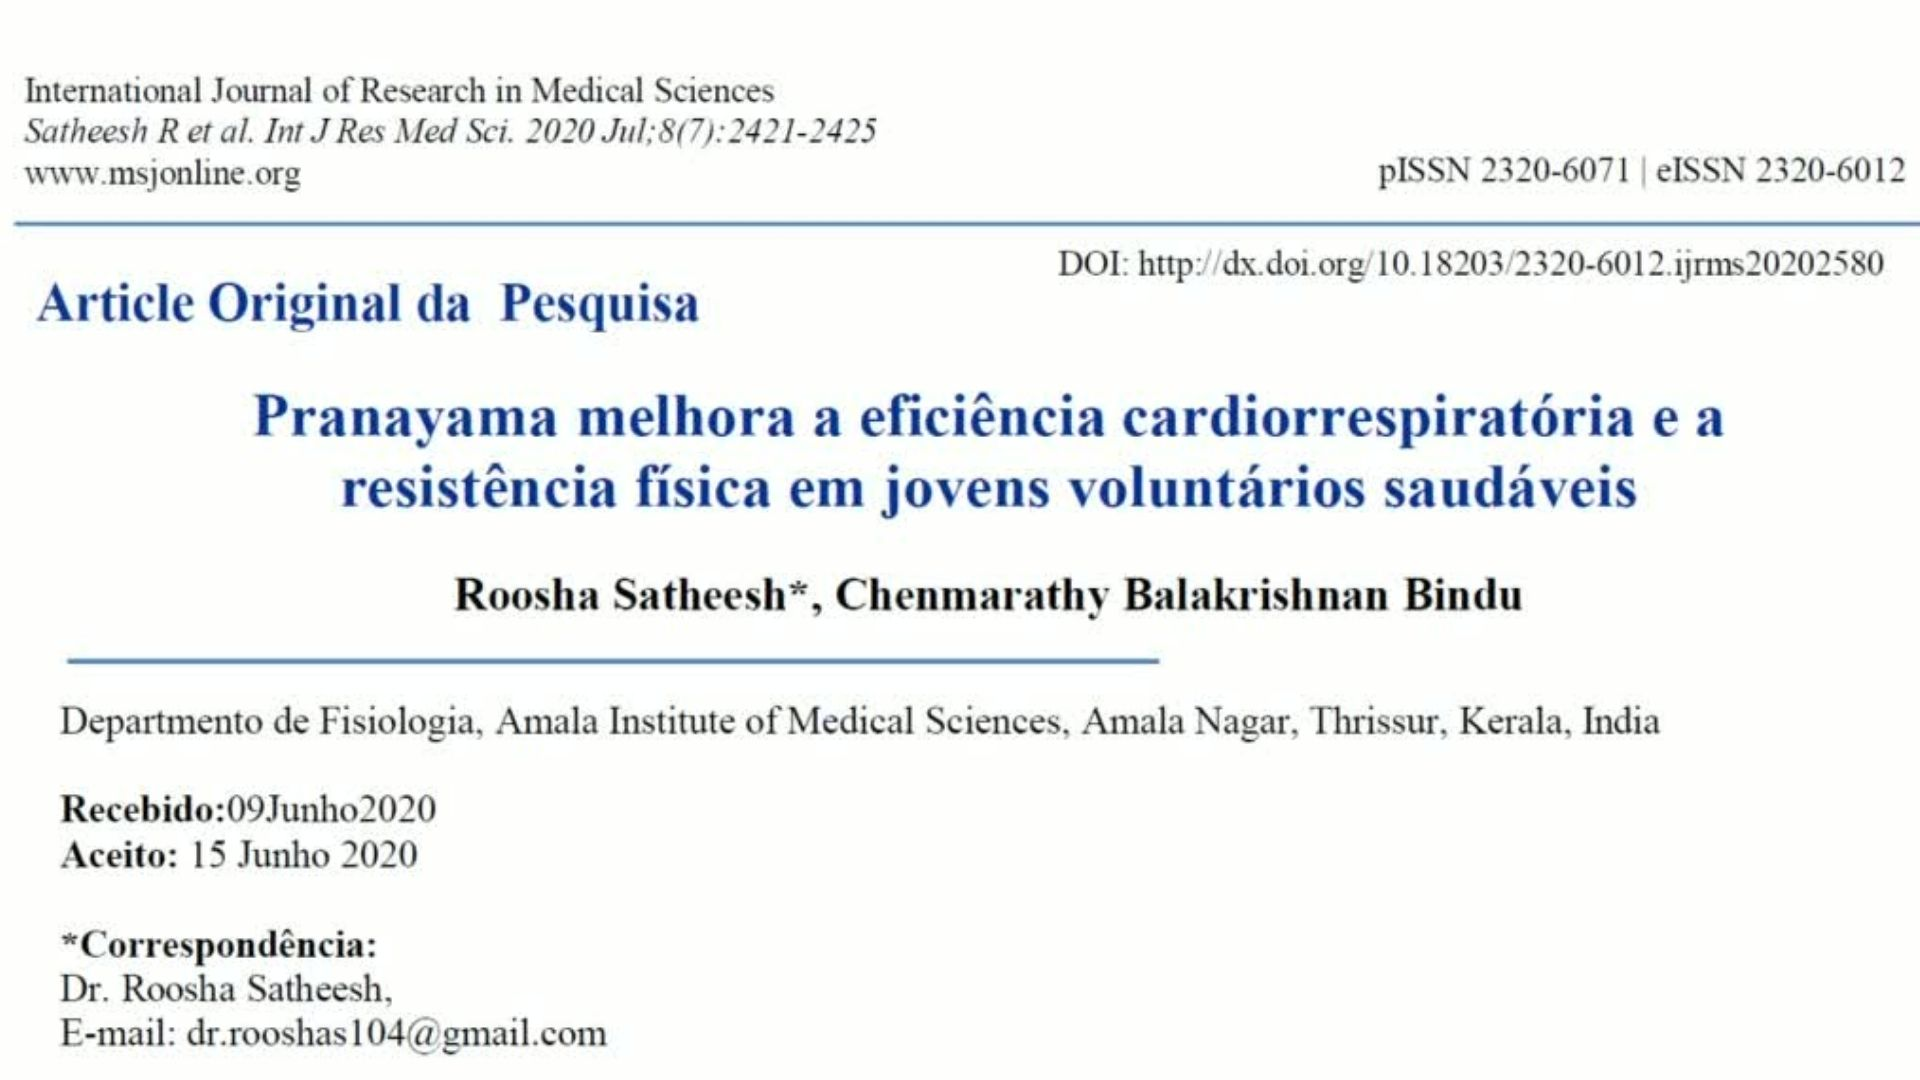 Pesquisa - Pranayama melhora a eficiência cardiorrespiratória e a resistência física em jovens voluntários saudáveis